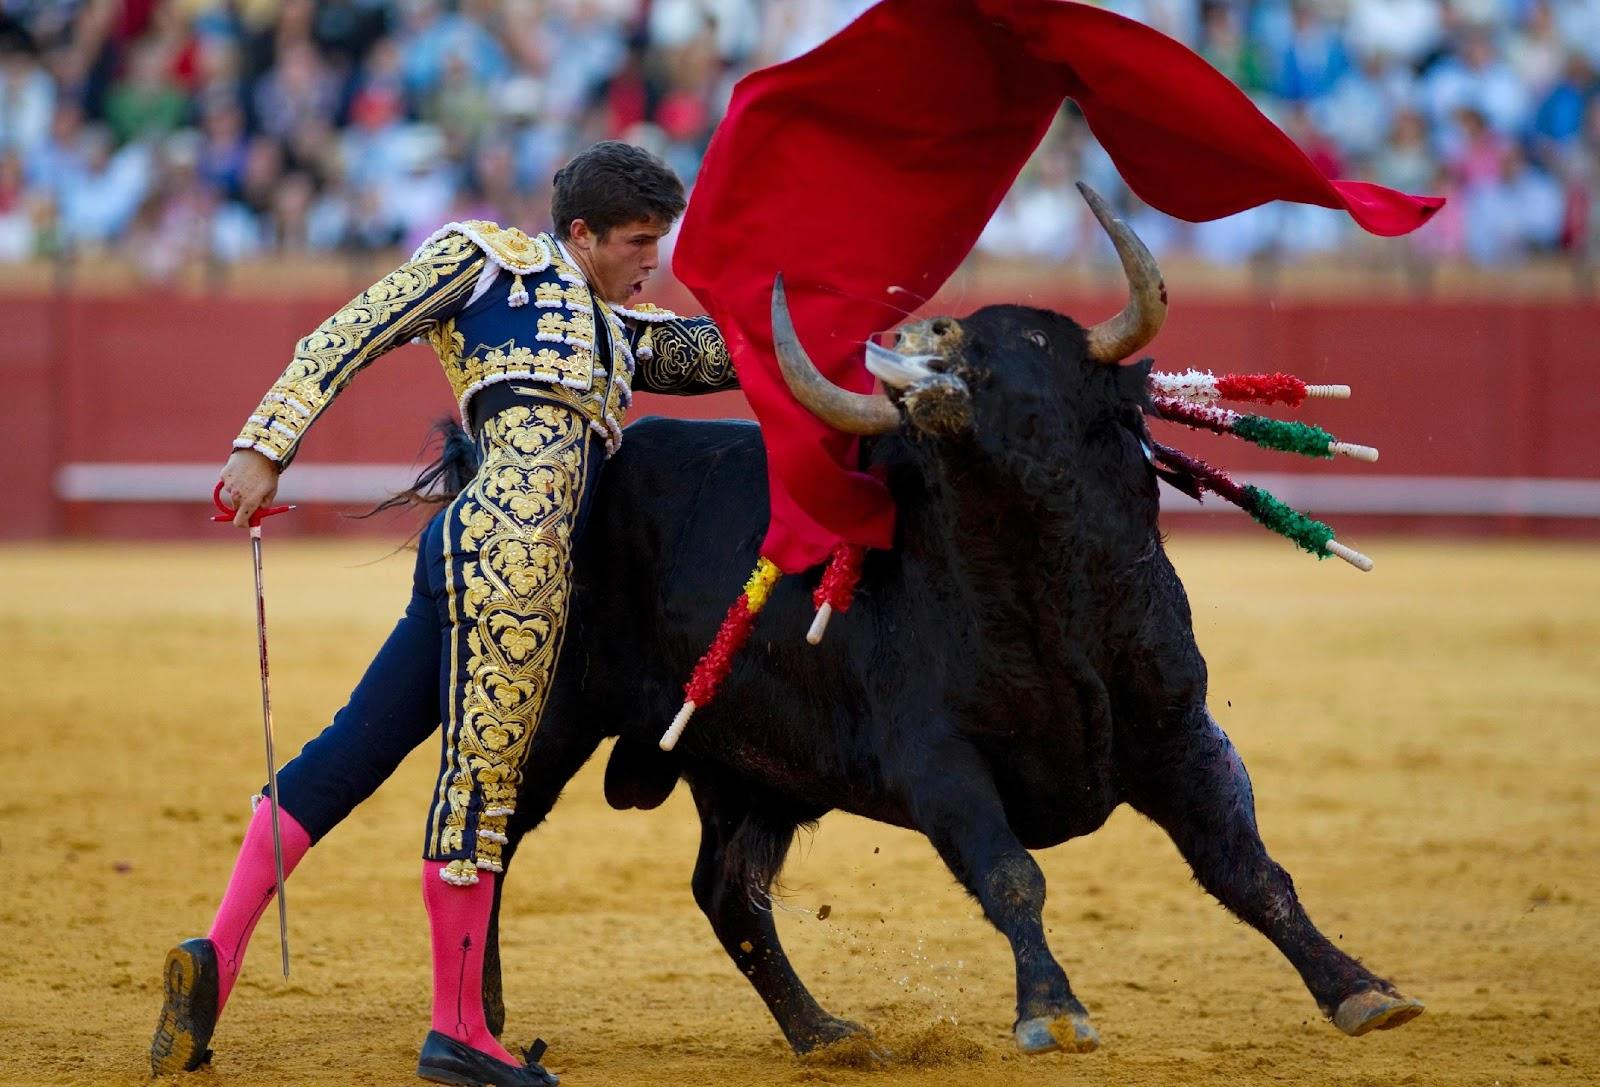 C:\Users\rwil313\Desktop\Bullfighting picture.jpg